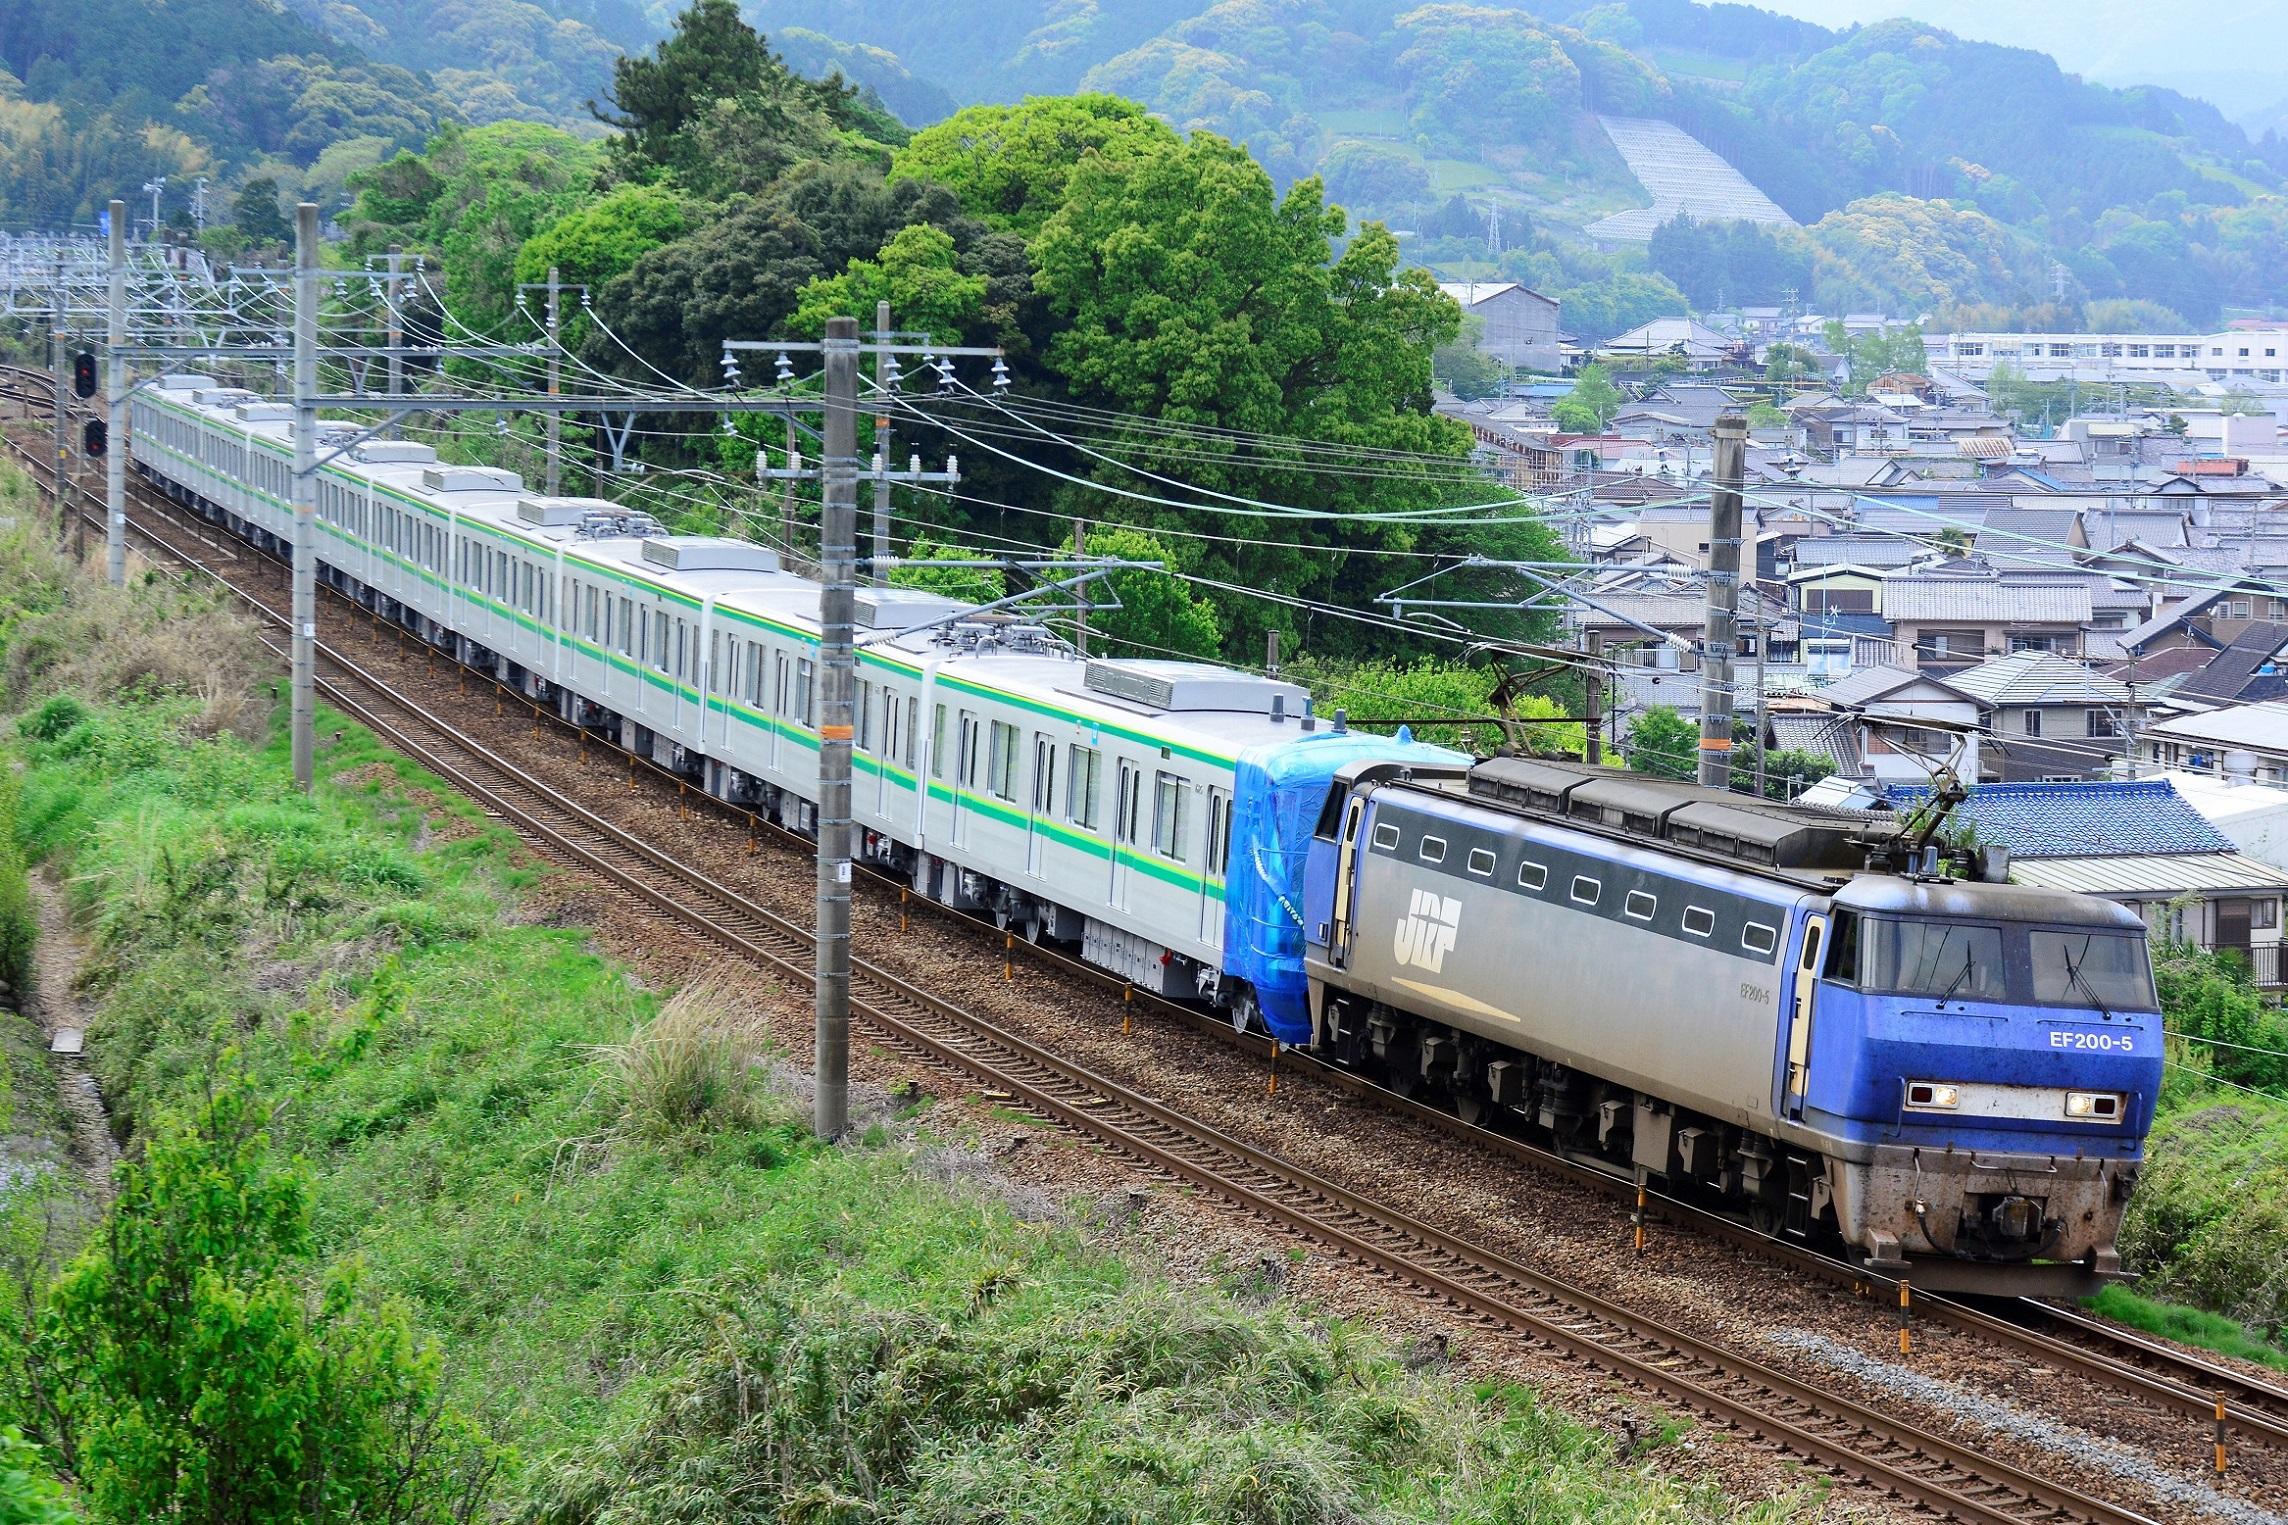 cassiの鉄道撮影記録 2016年04月